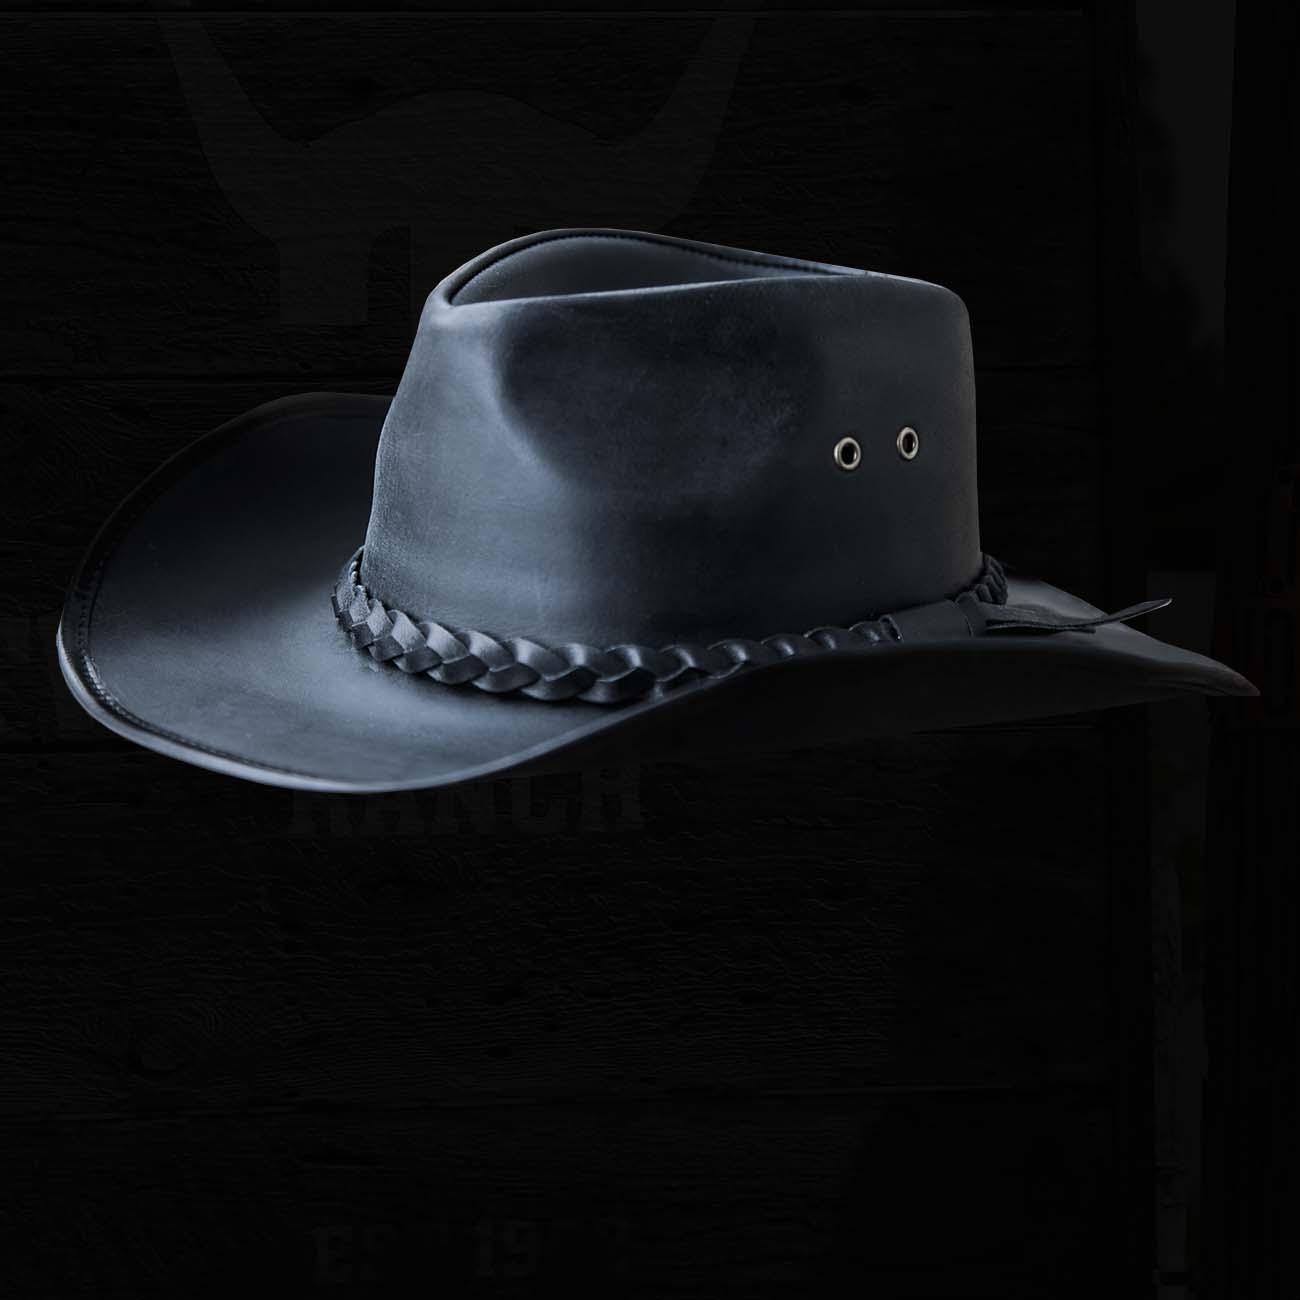 画像1: ブラック バッファロー カウボーイ ハット/Genuine Leather Cowboy Hat(Black) (1)